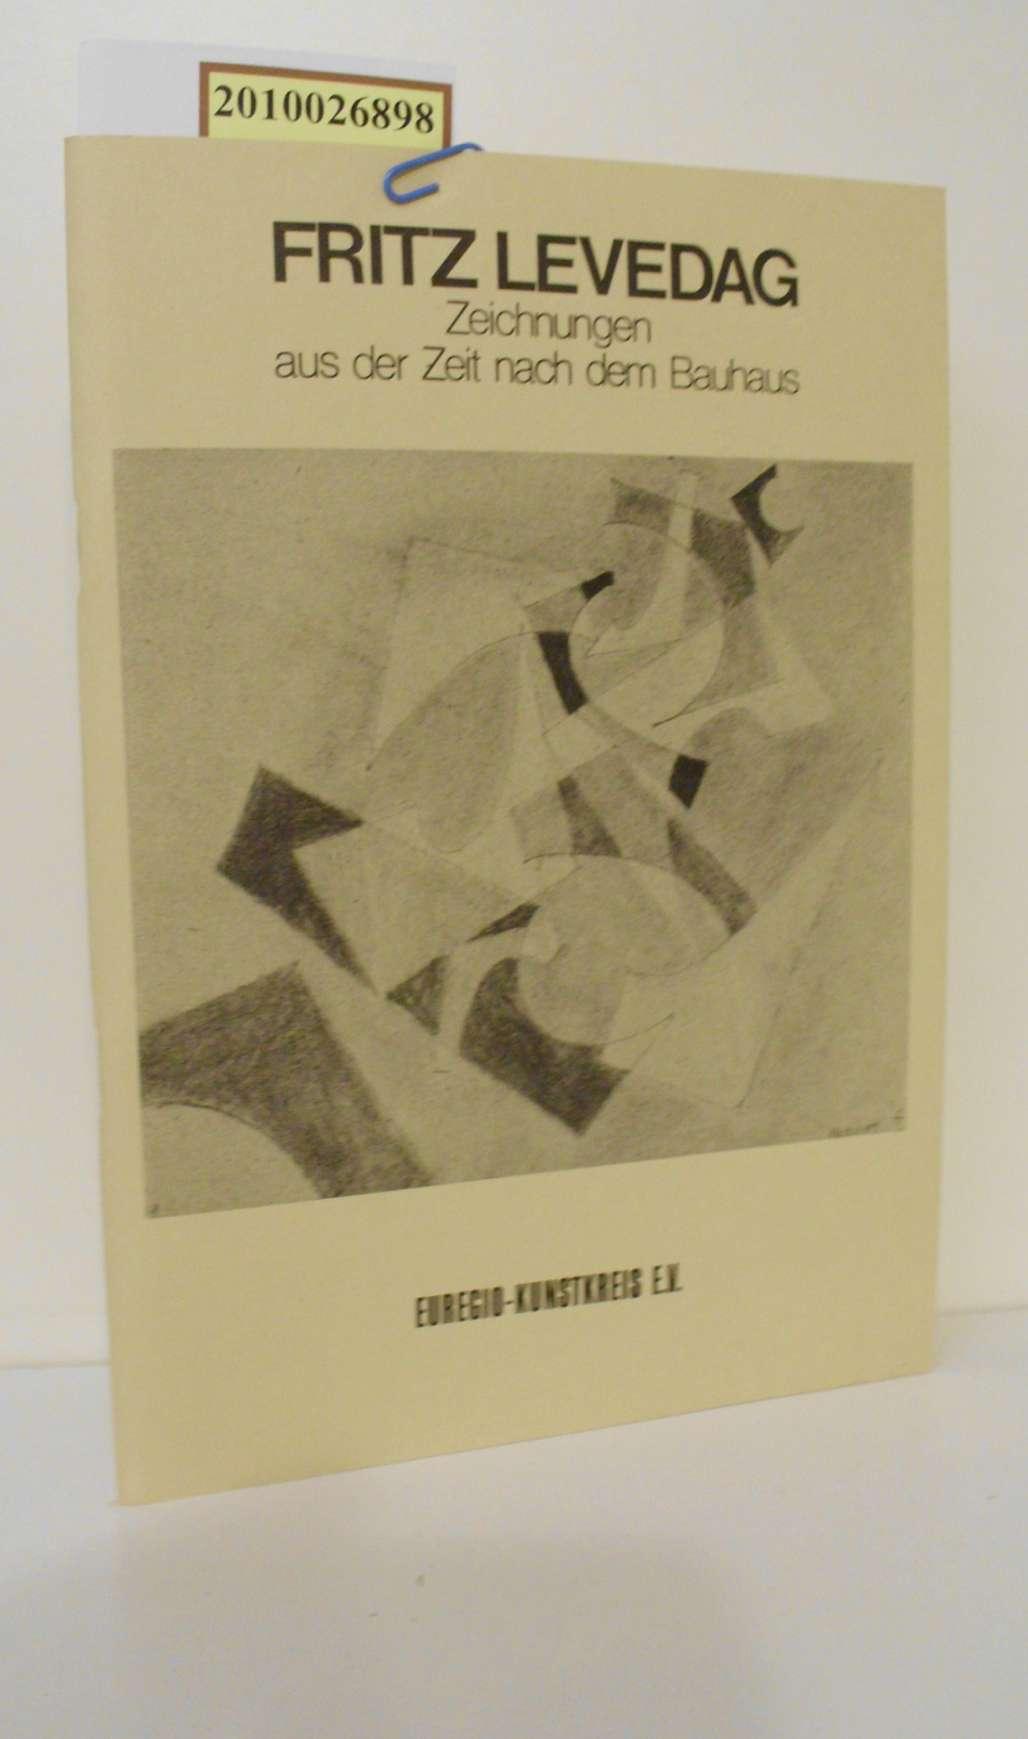 Fritz Levedag Zeichnungen aus der Zeit nach dem Bauhaus 28.06.-20.07.1986 Euregio Kunstkreis E.V